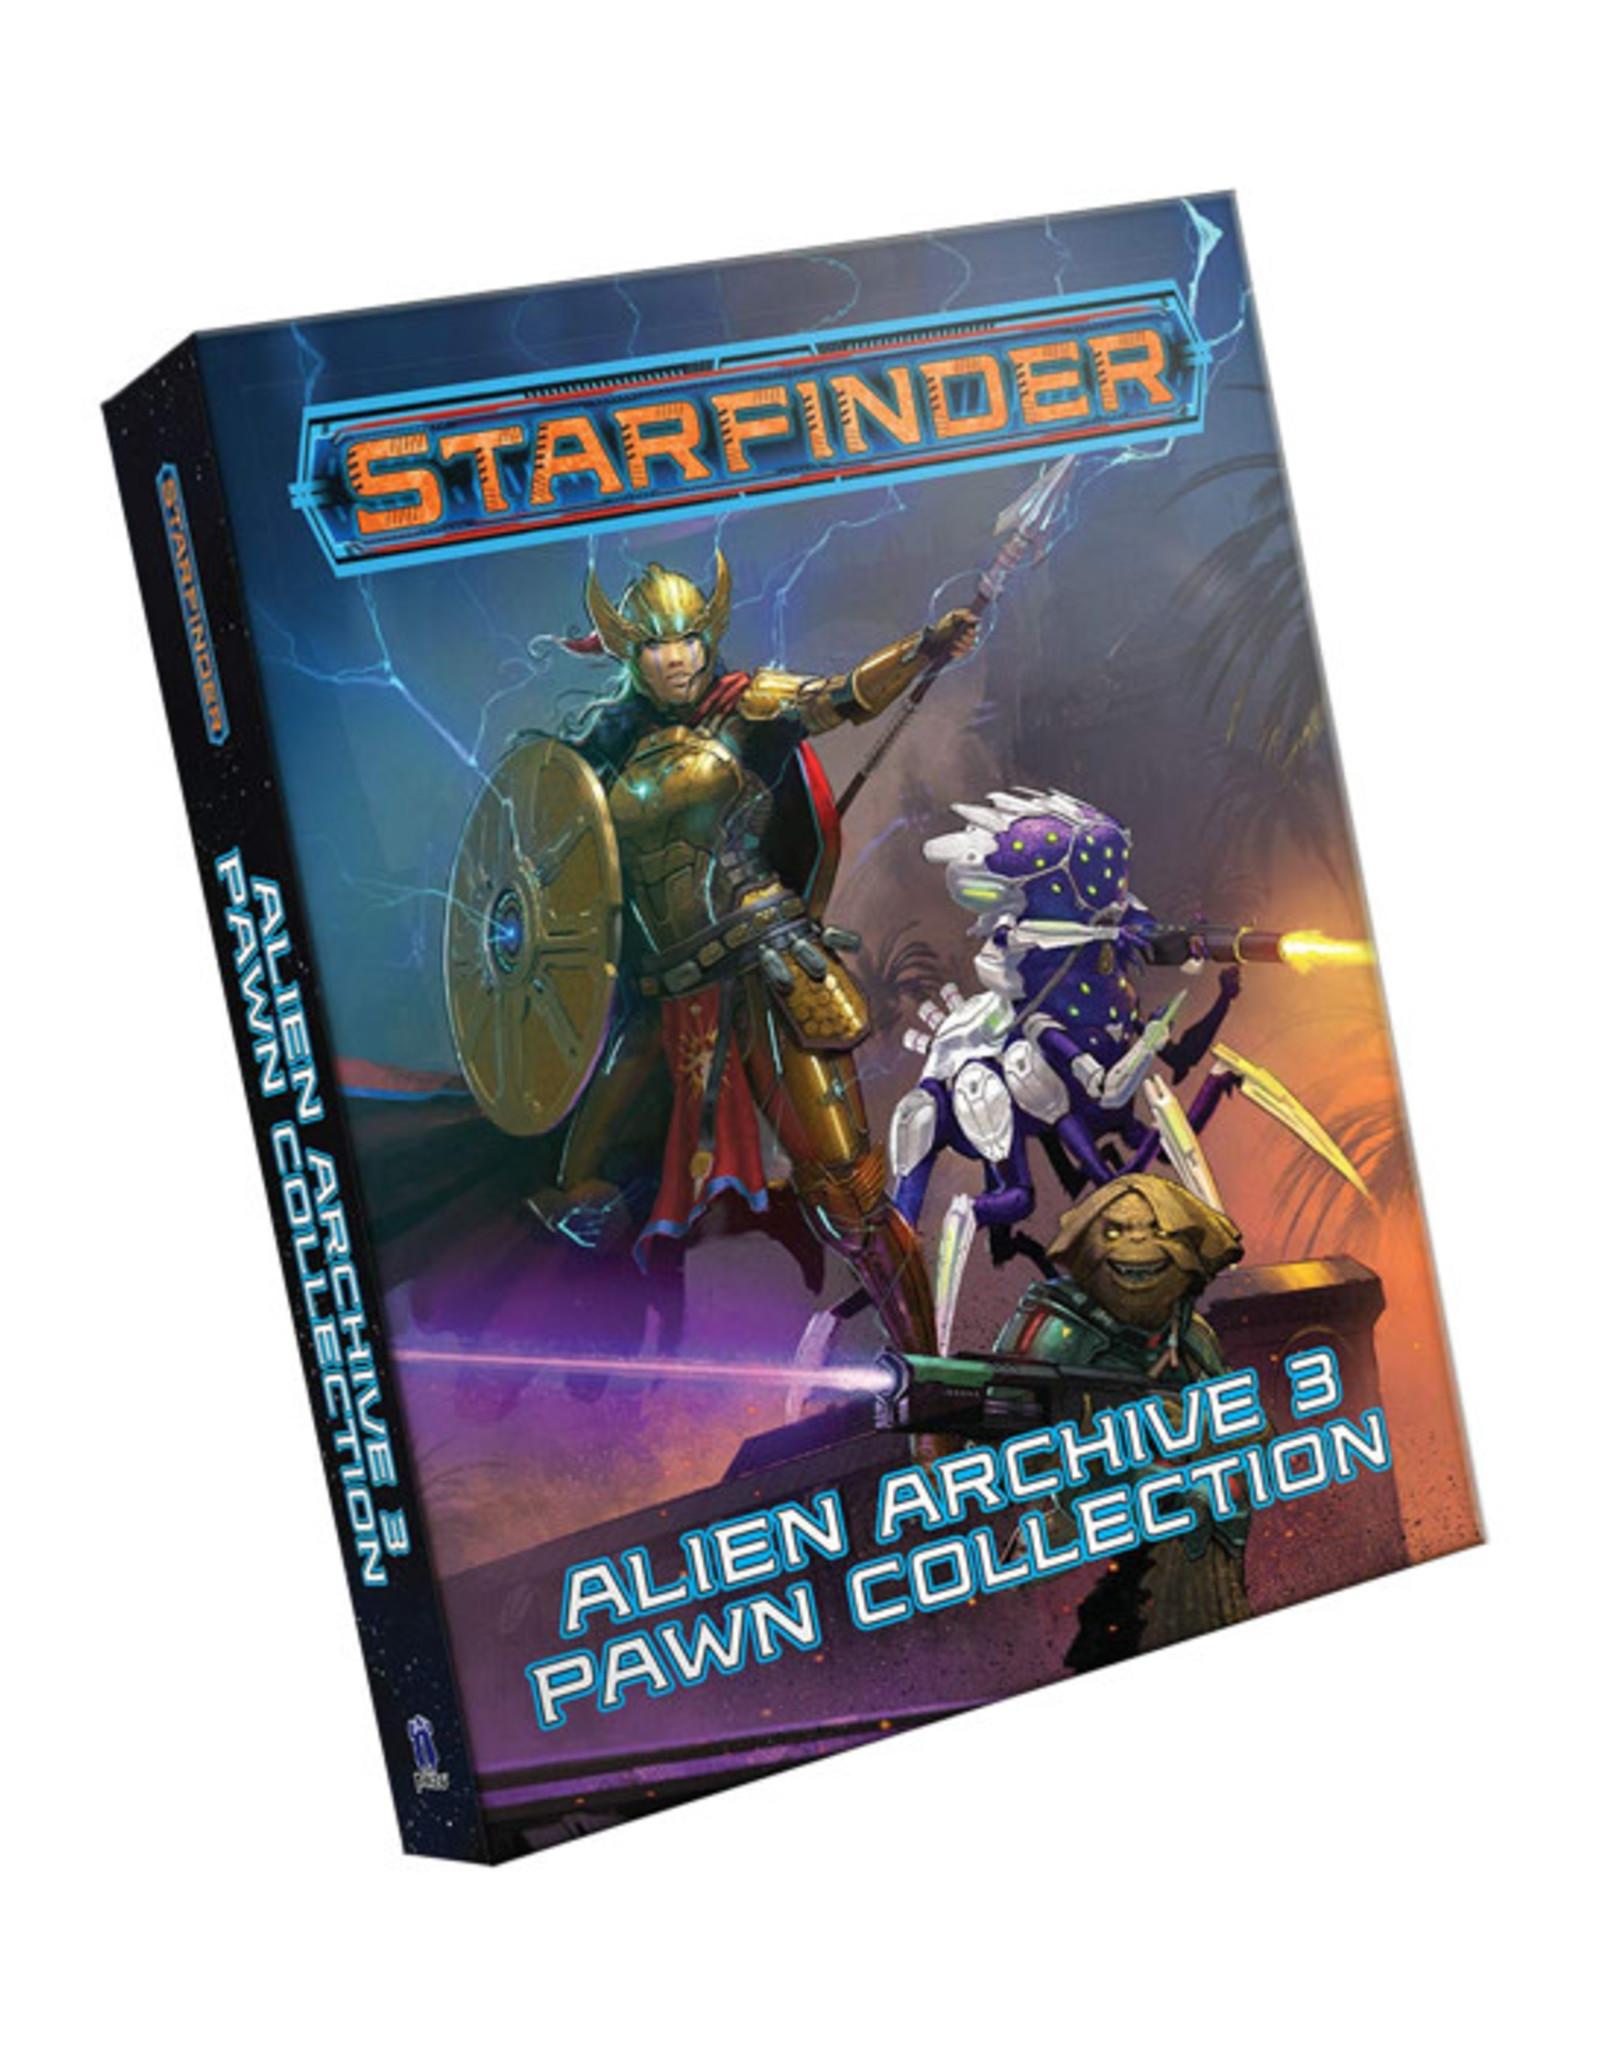 Starfinder Starfinder: Pawns - Alien Archive 3